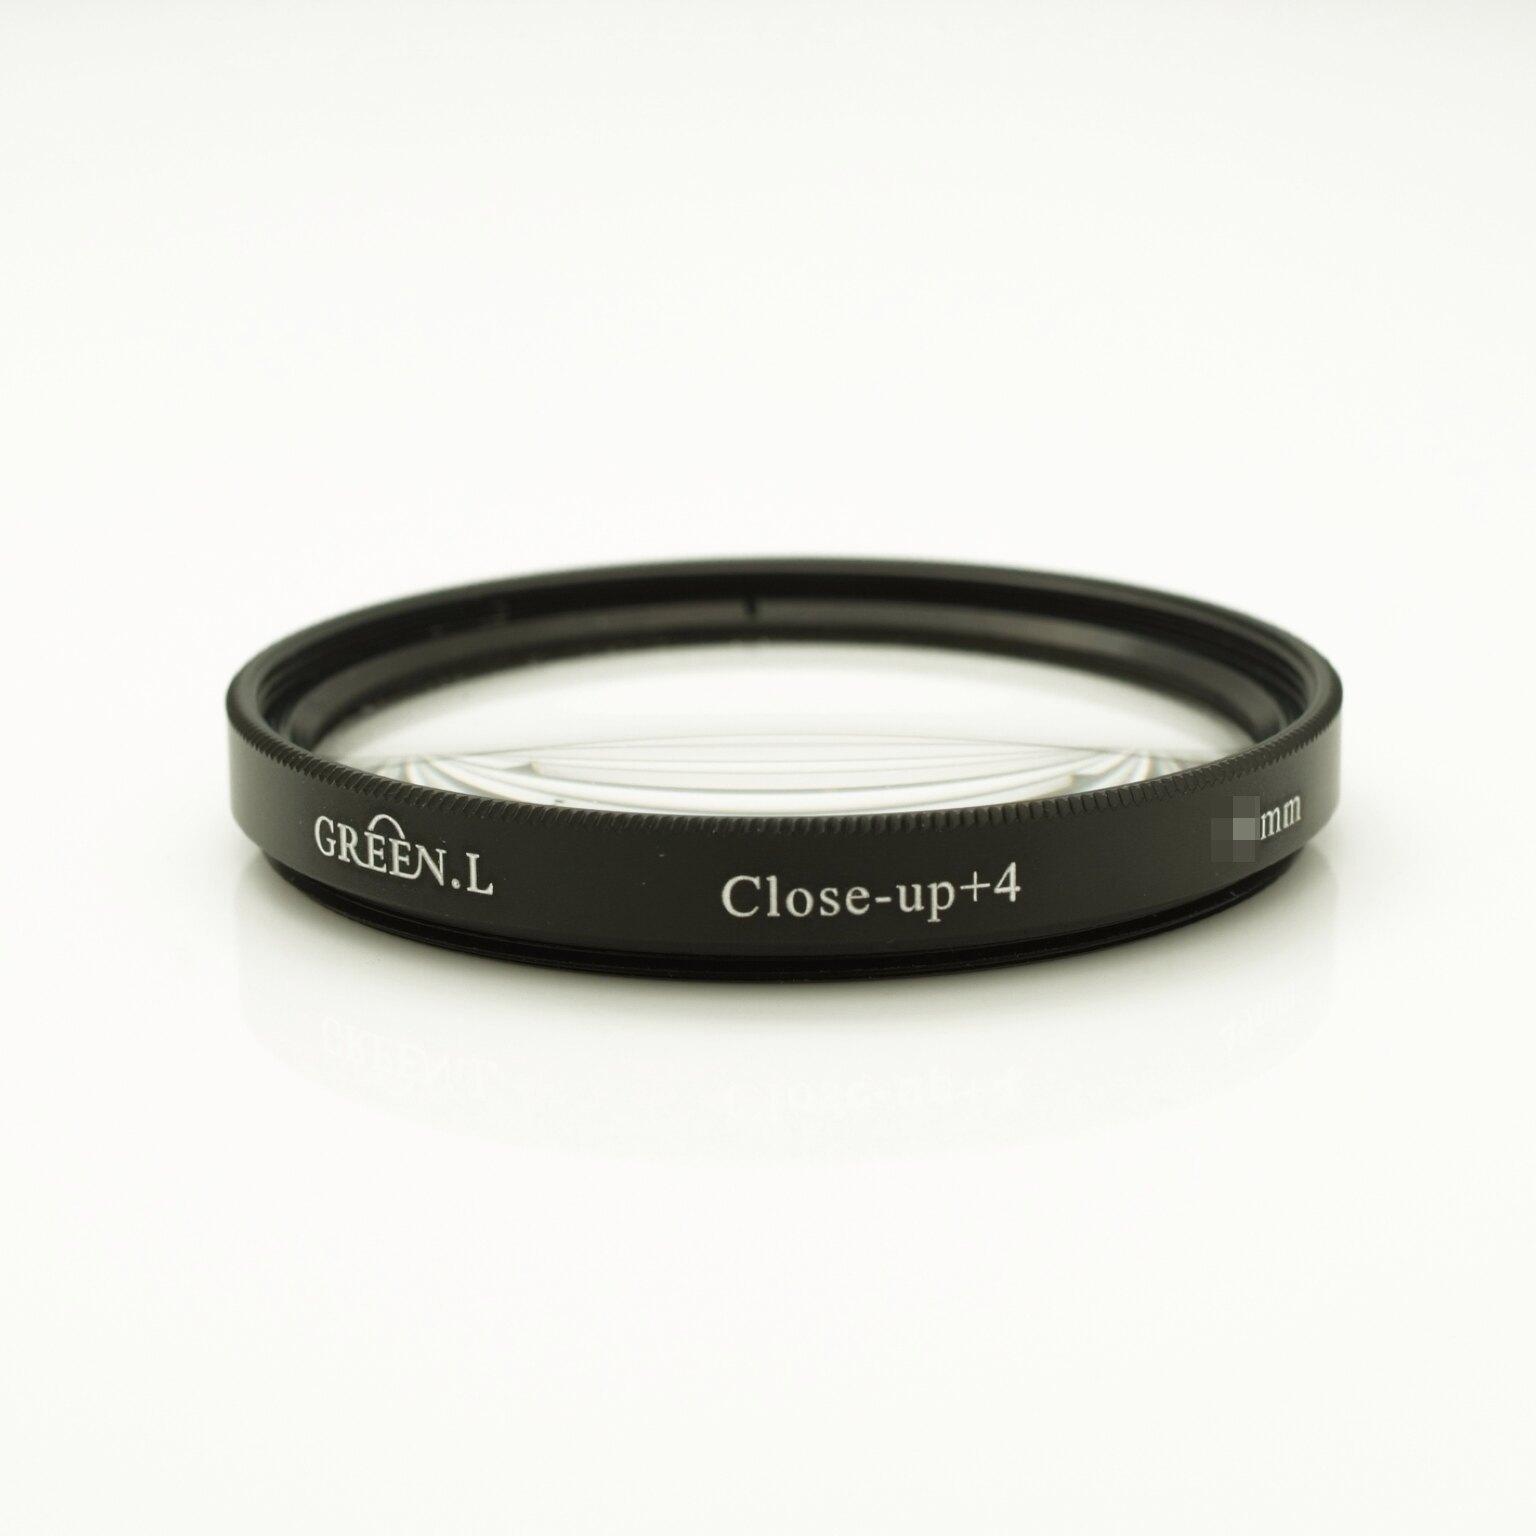 又敗家@ Green.L 37mm近攝鏡(close-up+4)Micro Macro鏡微距鏡,代倒接環雙陽環適近拍生態攝影panasonic olympus 14-42mm f3.5-5.6 17m